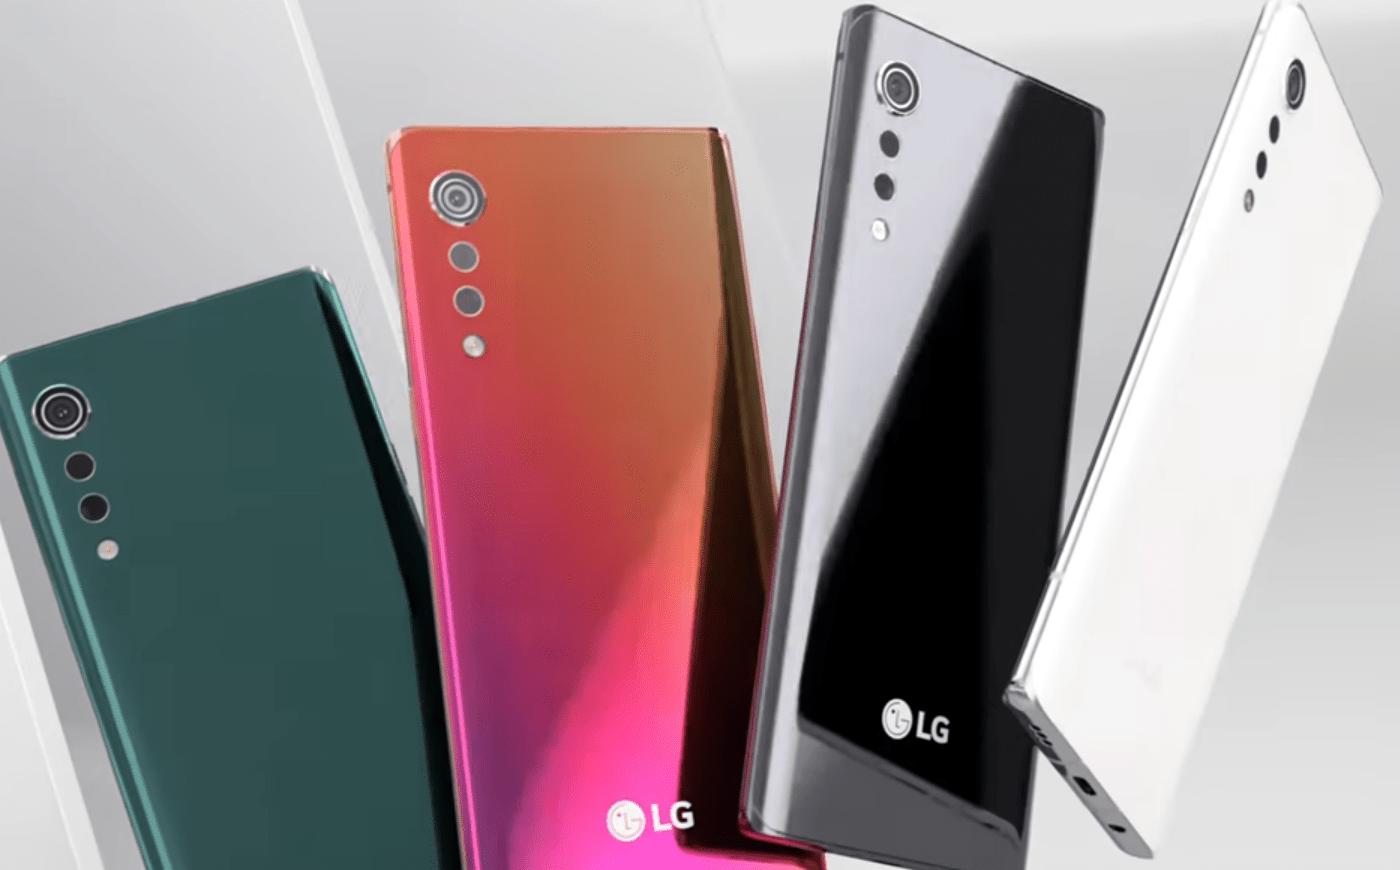 Опубликованы подробные характеристики смартфона LG Velvet (vl top)